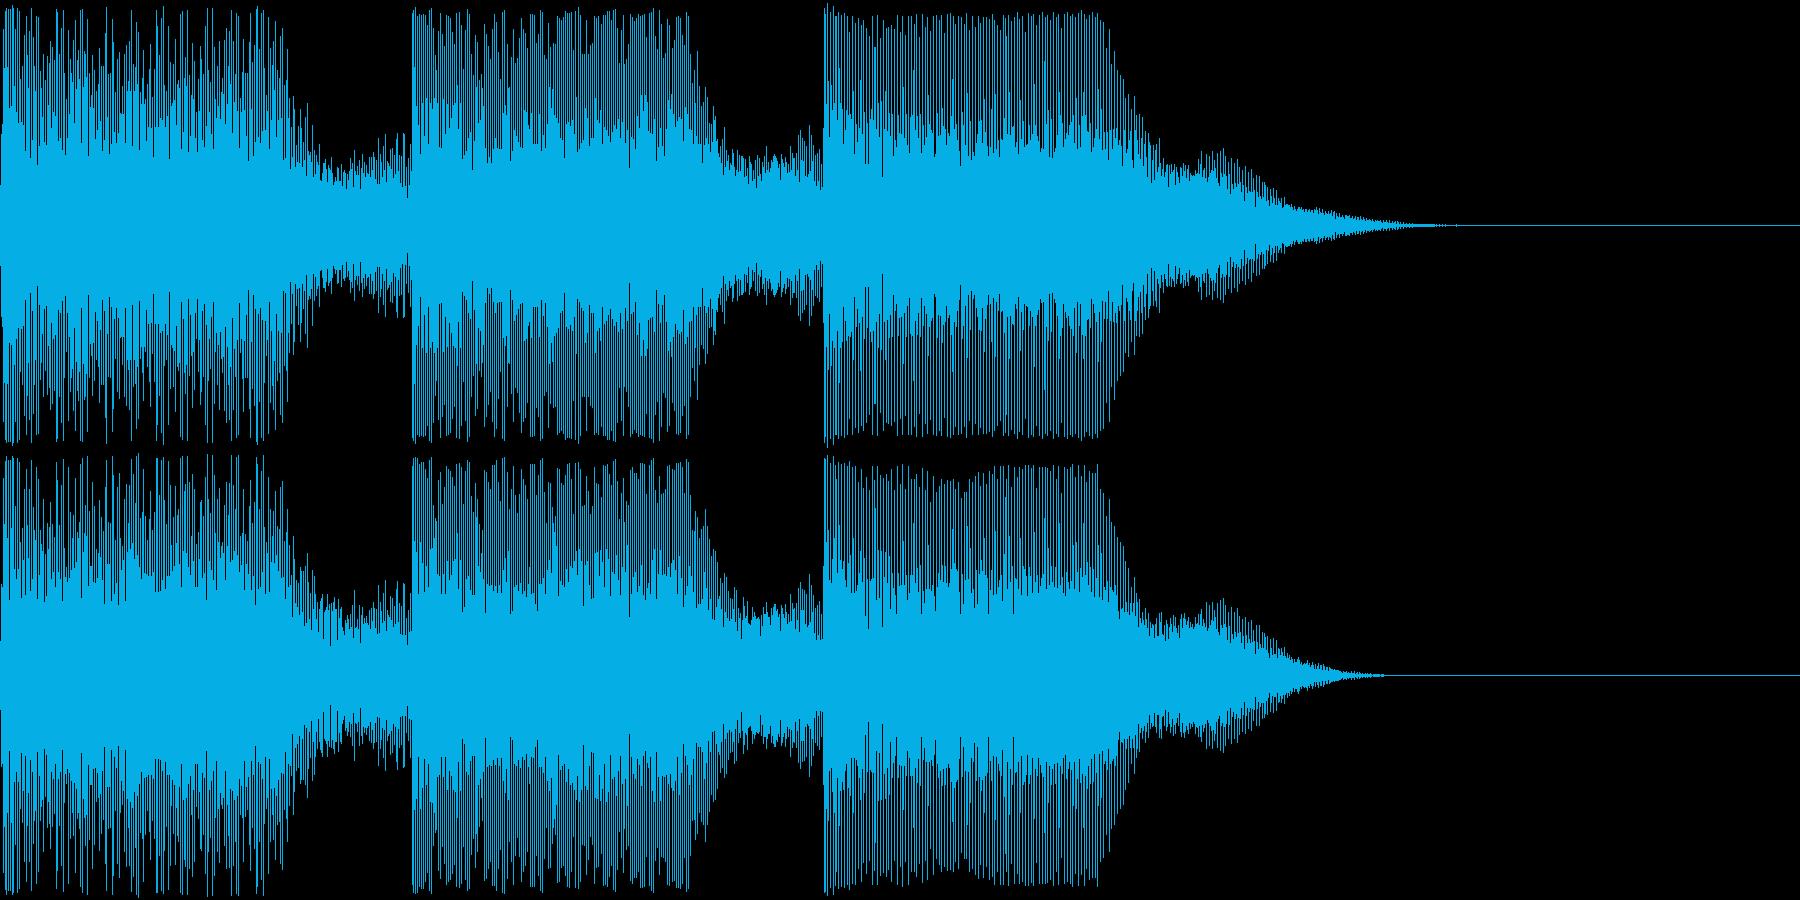 AI メカ/ロボ/マシン動作音 1の再生済みの波形